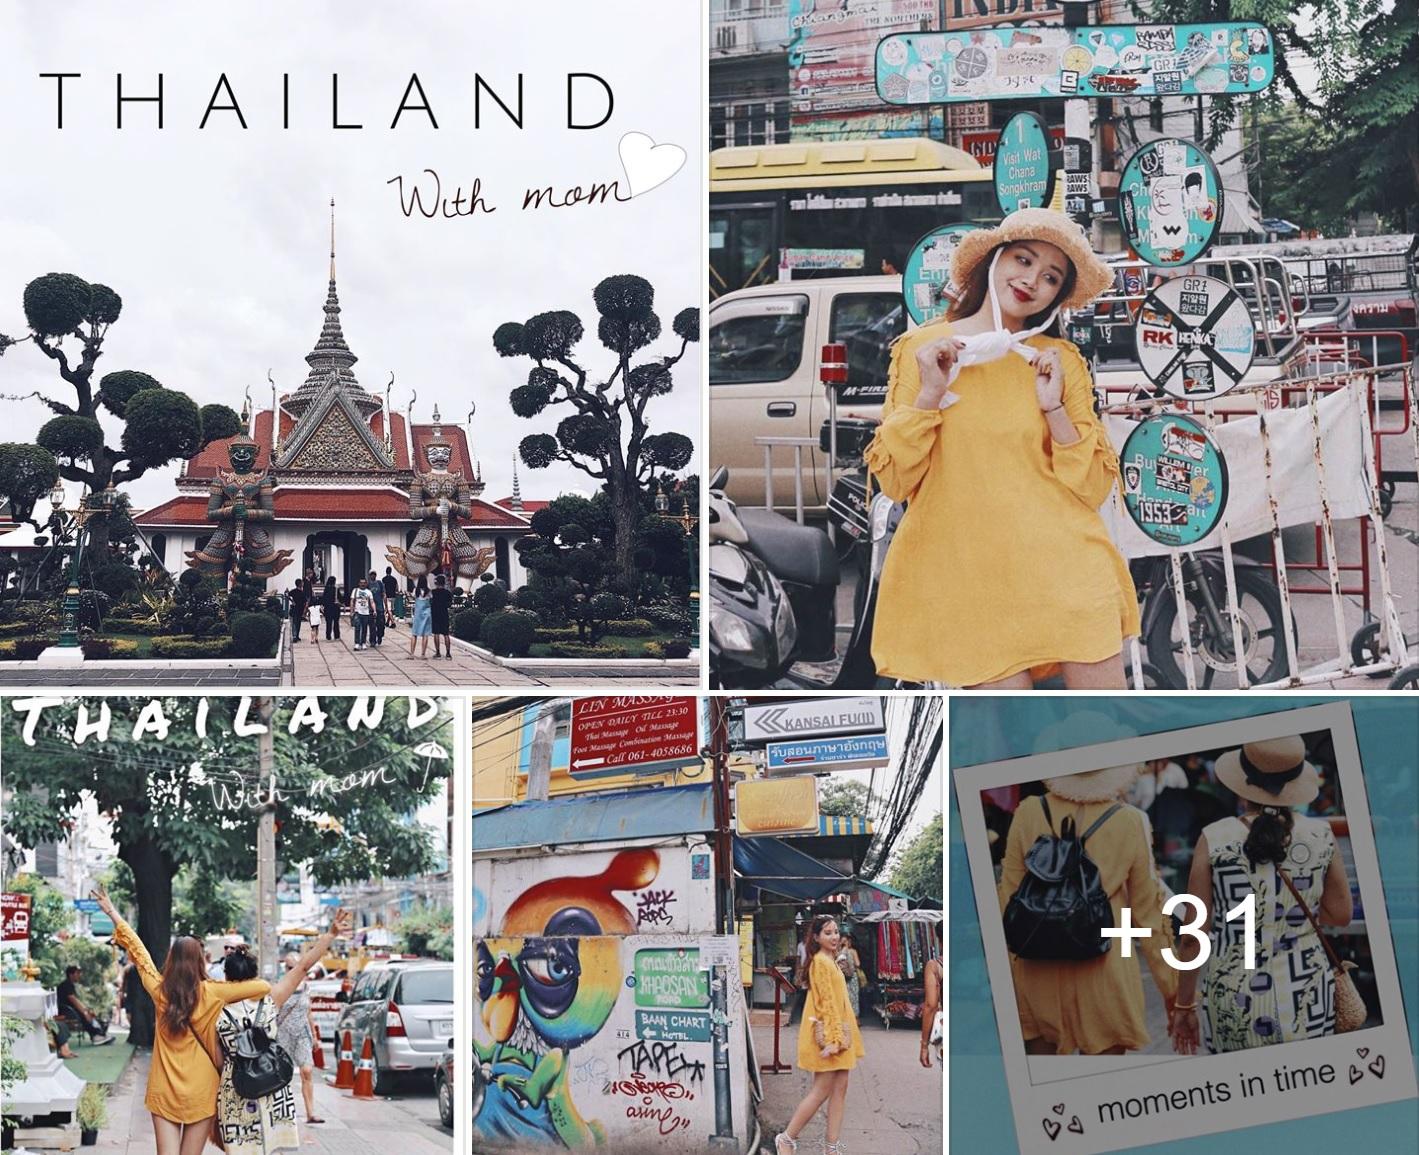 Xem bộ ảnh 9x đưa mẹ vi vu Thái Lan mới thấy mẹ cũng thích đi, thích sống ảo như ai! - Ảnh 1.